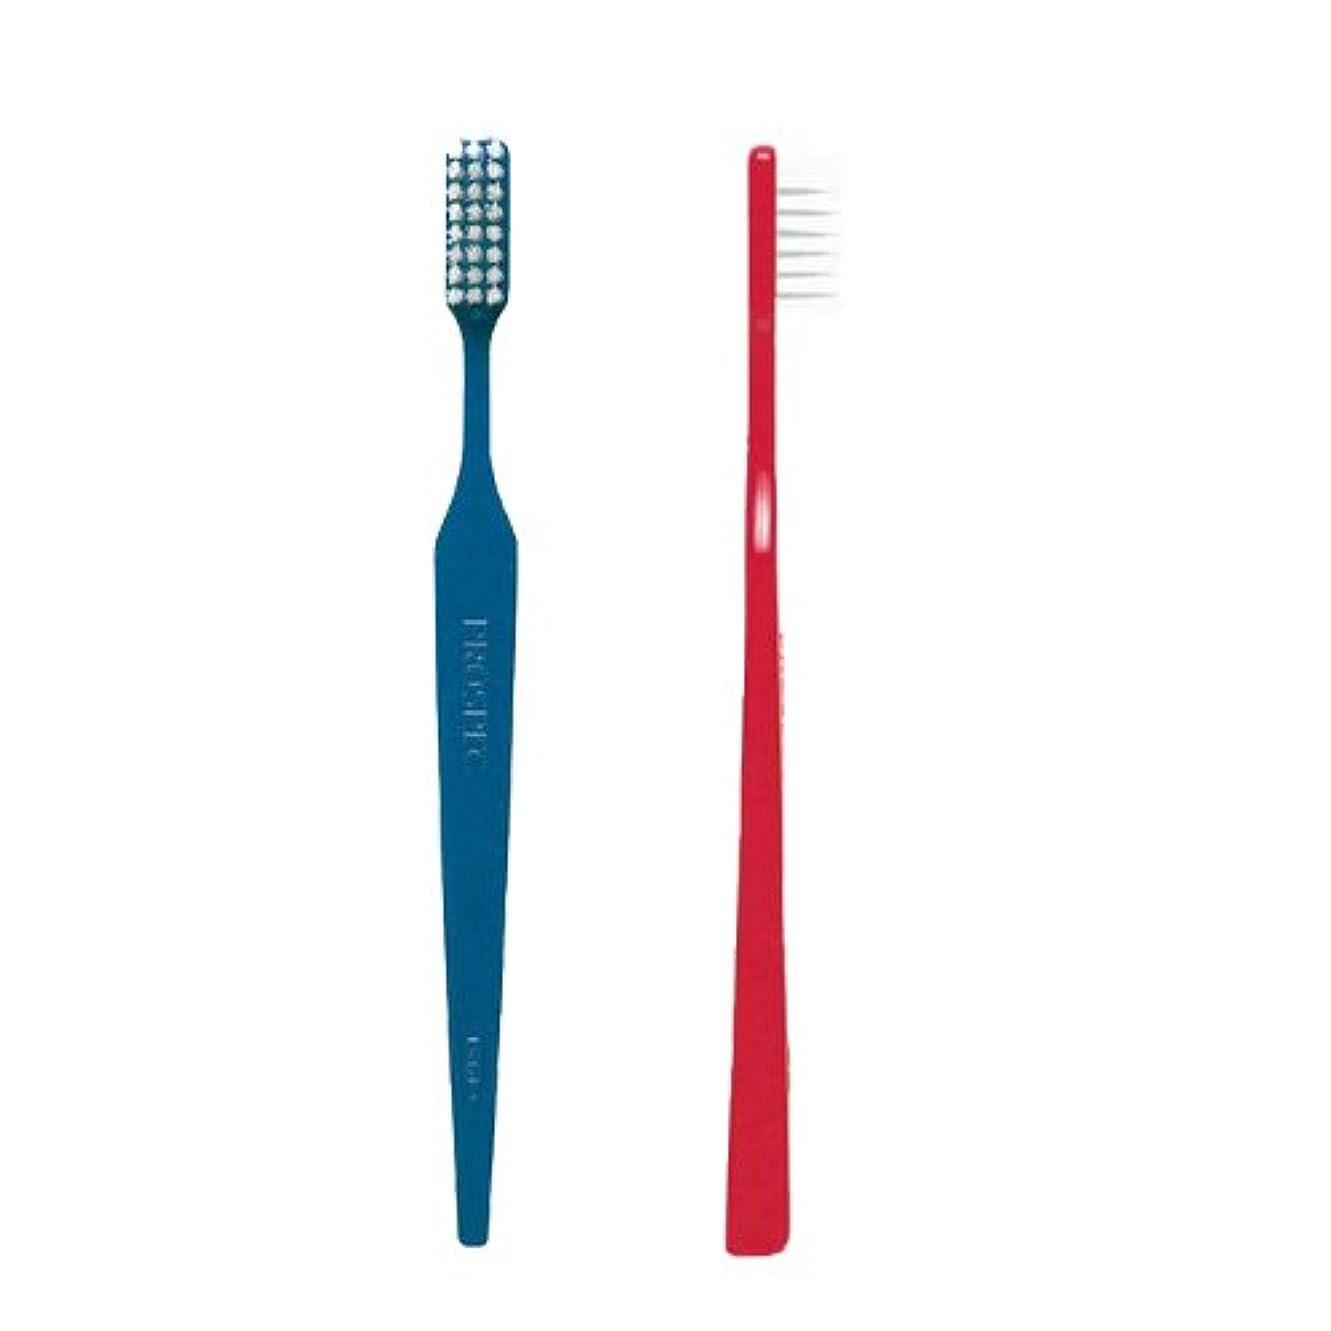 ハロウィン特権的位置するGC ジーシープロスペック歯ブラシ アダルト× 5本セット S(やわらかめ)